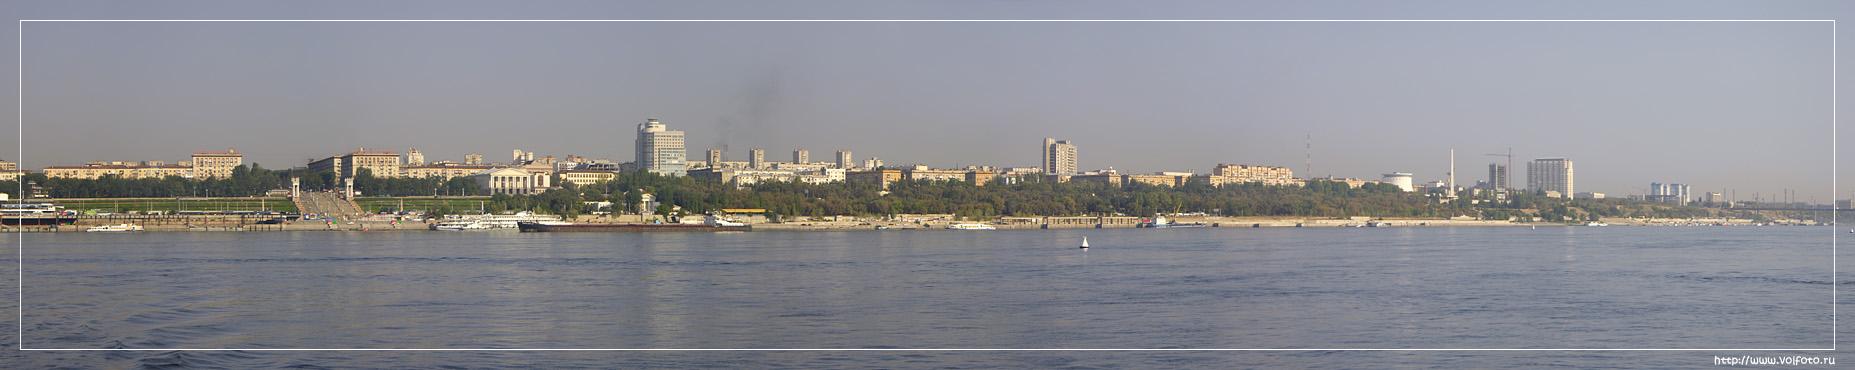 панорамное фото волгограда в хорошем качестве красоты считалась